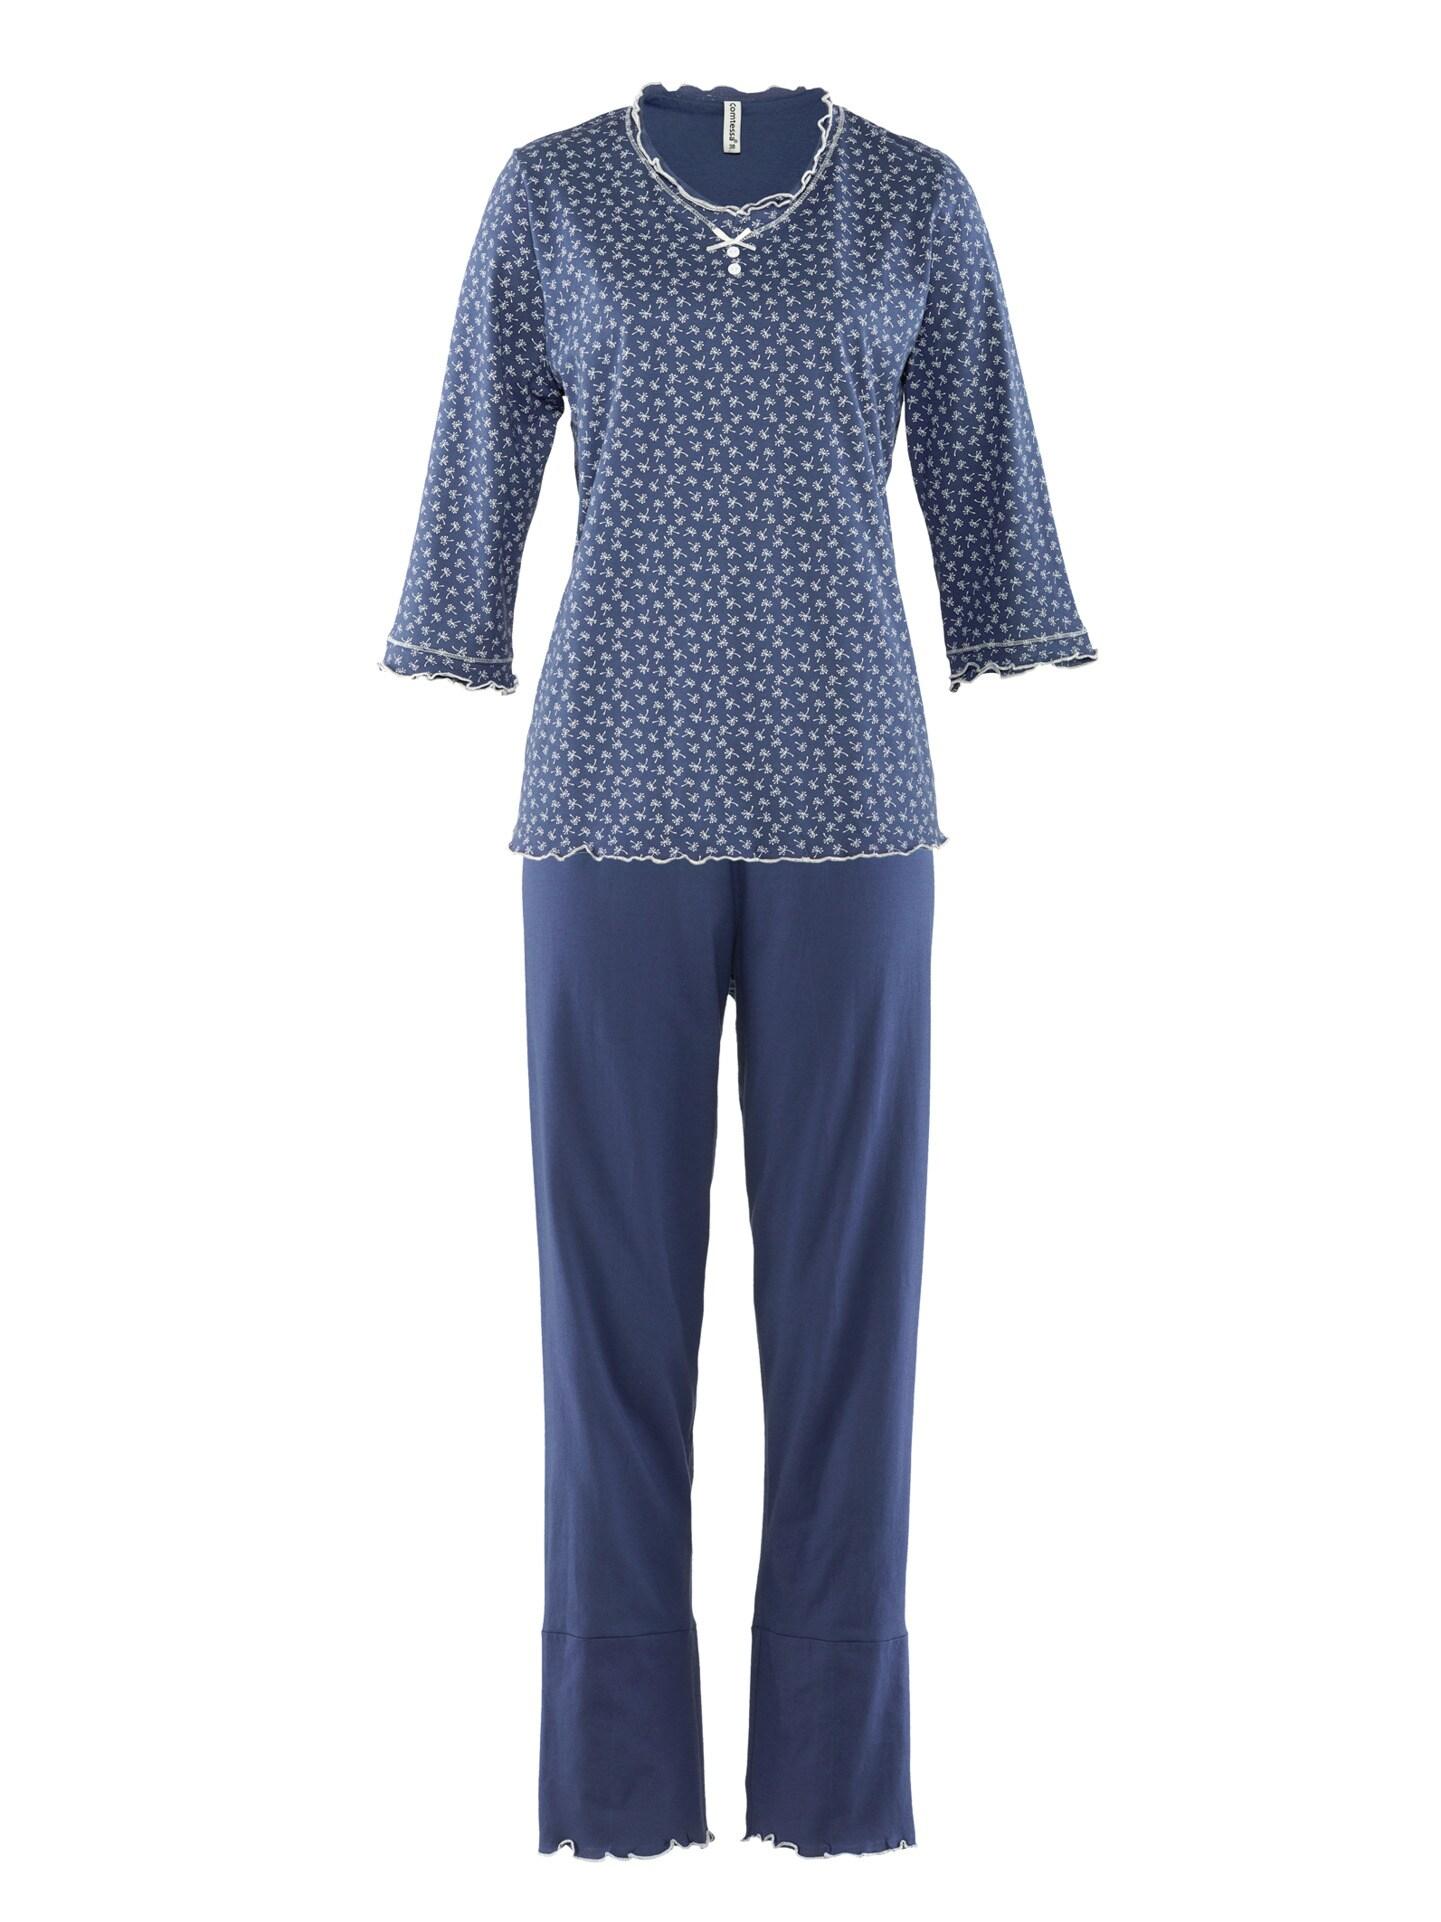 Avena Damen Soft-Schlafanzug Baumwolle Blau 42-6406-0